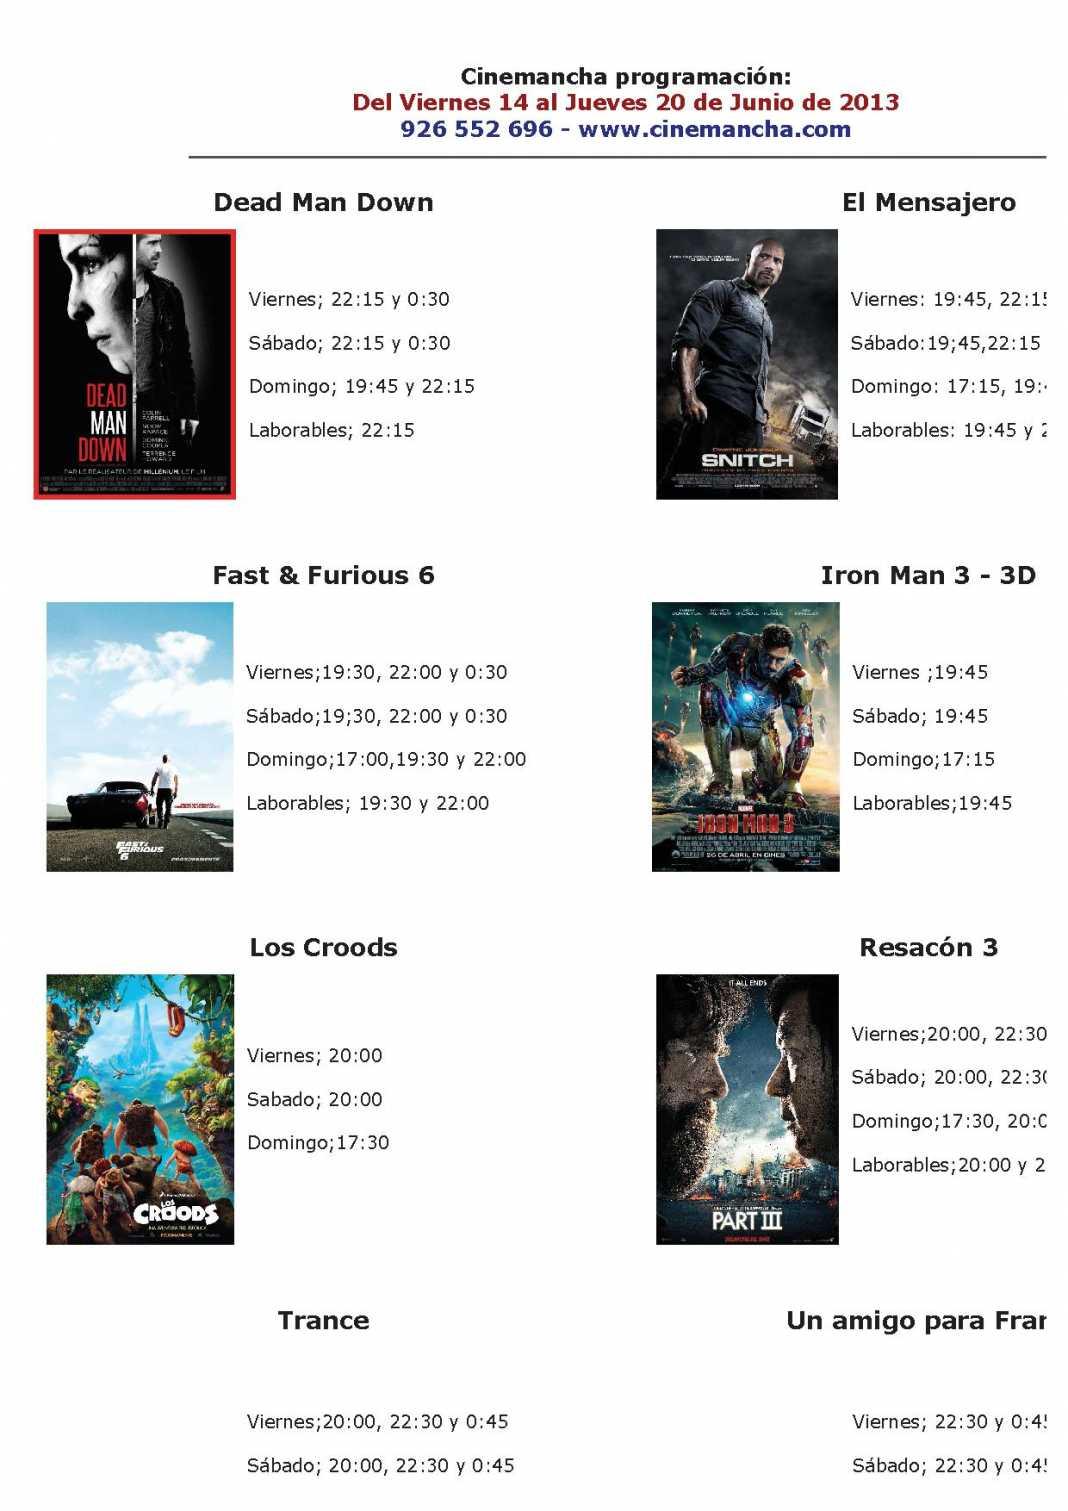 Programación Cinemancha del 14 al 20 de junio 1